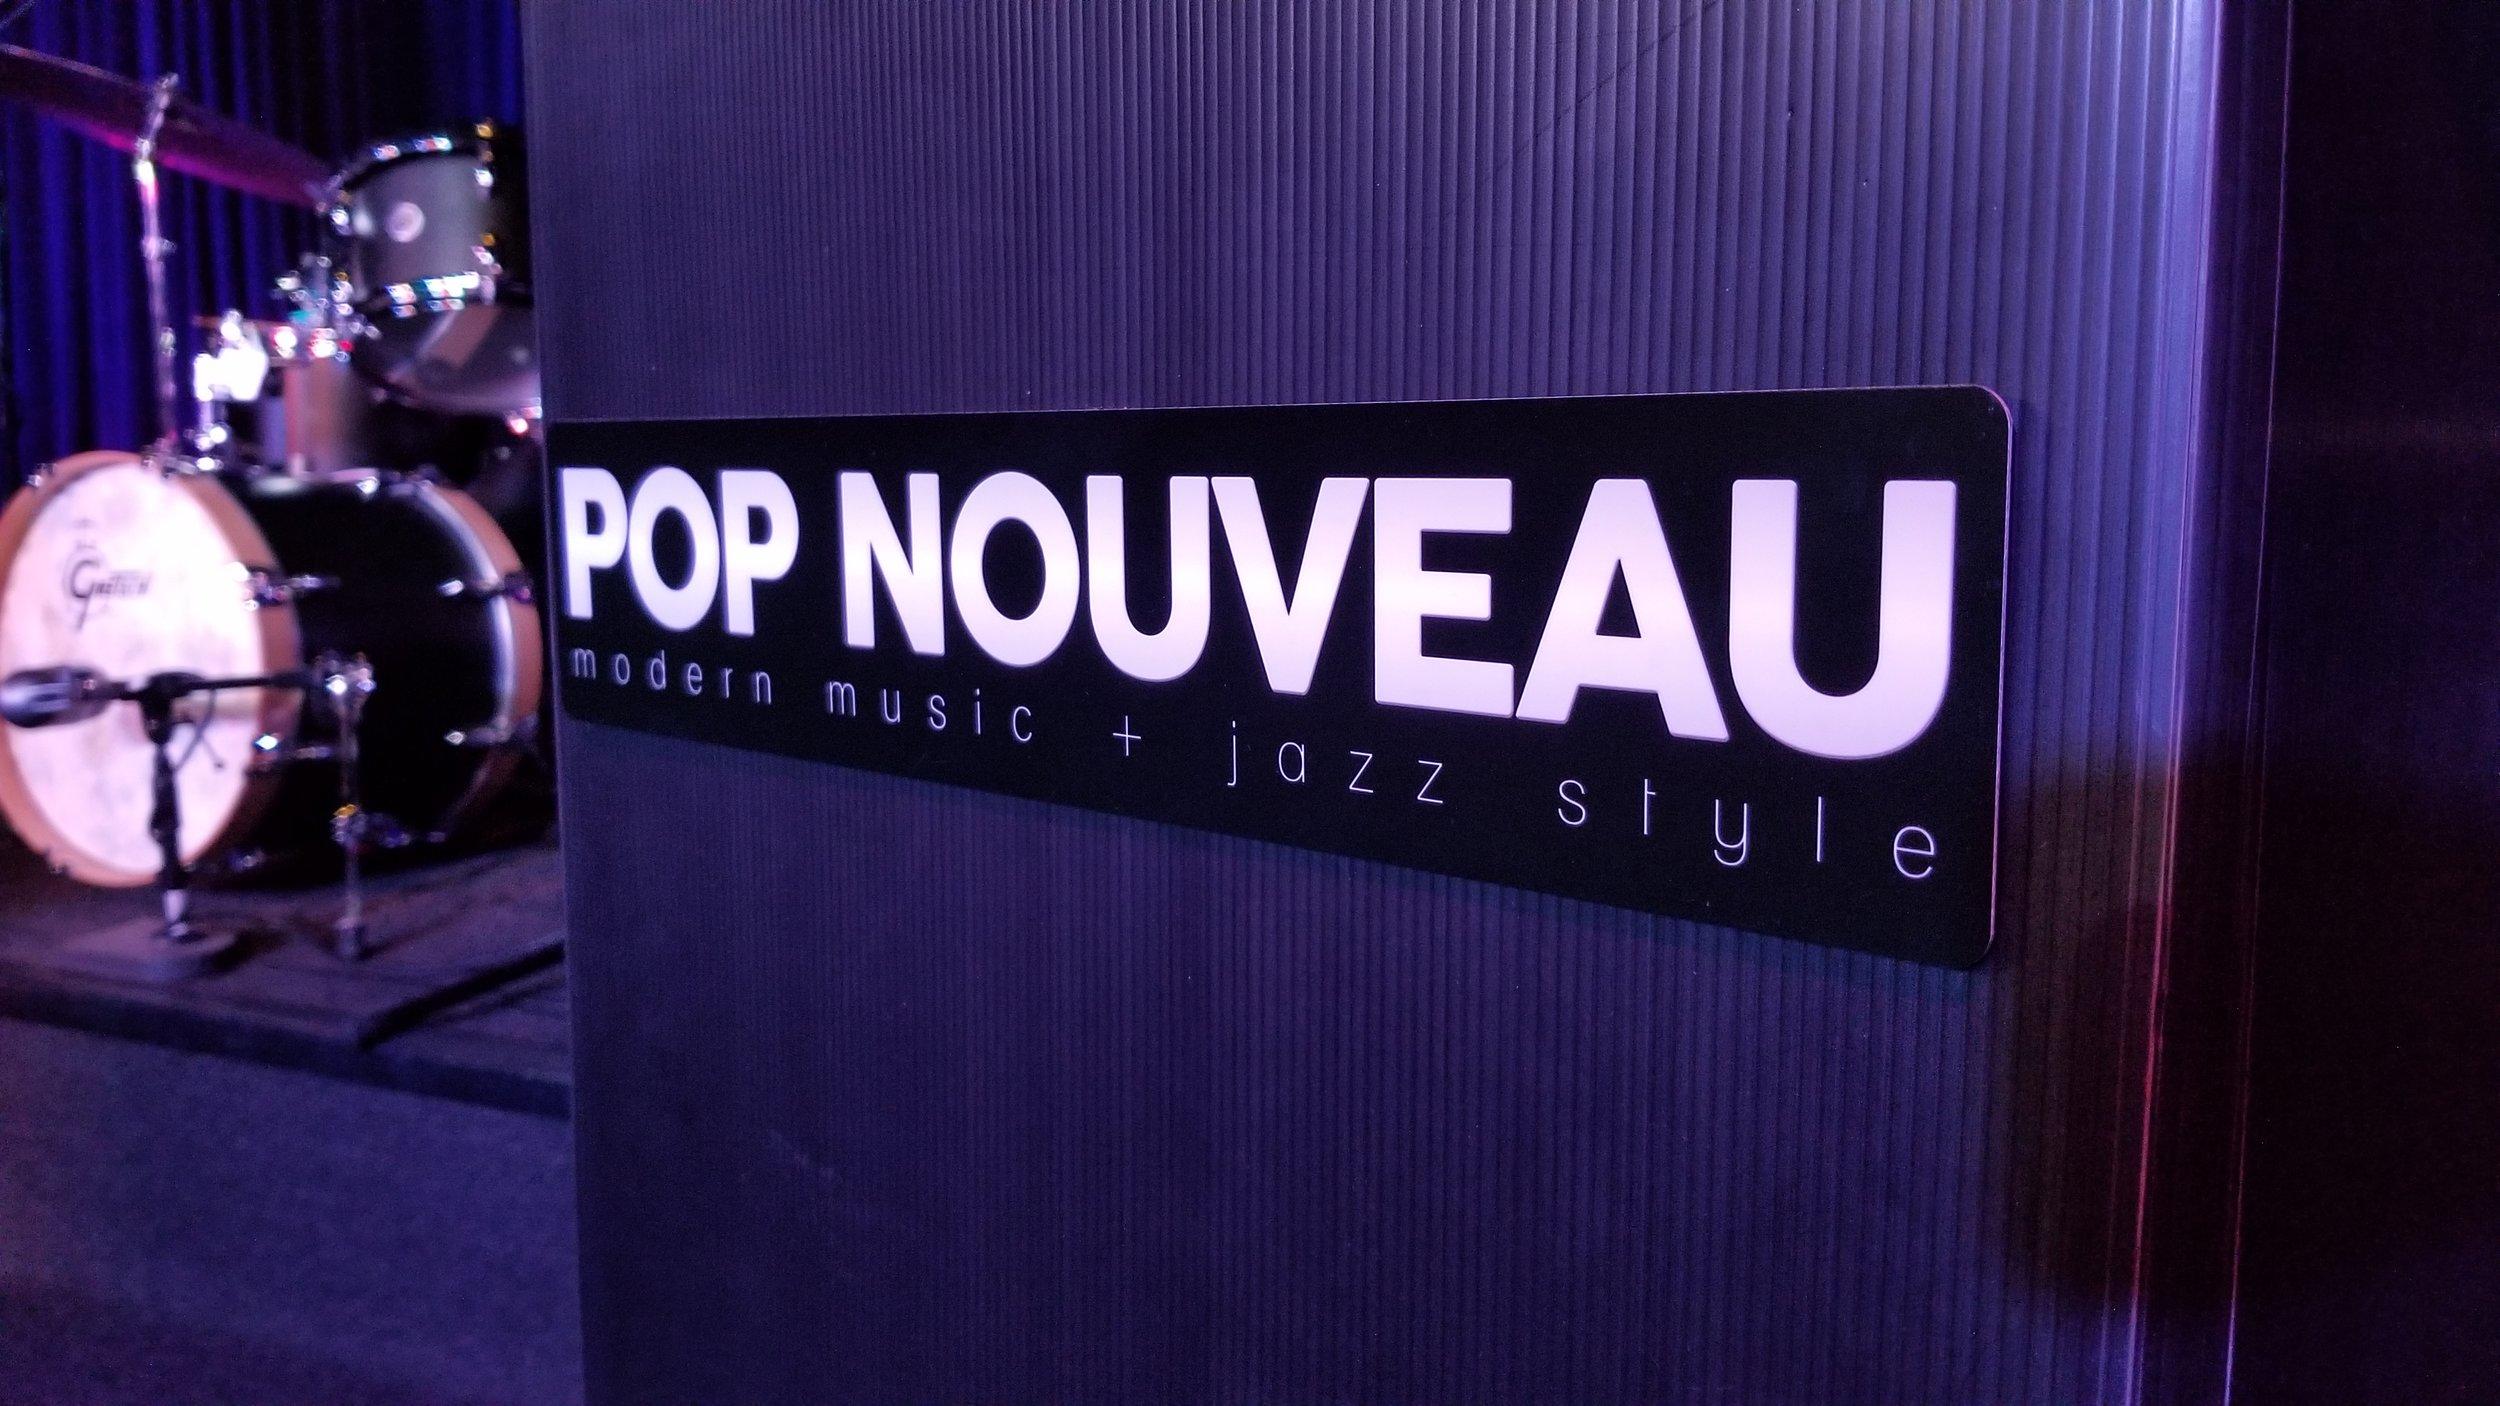 Pop Nouveau Vid Shoot_4.jpg